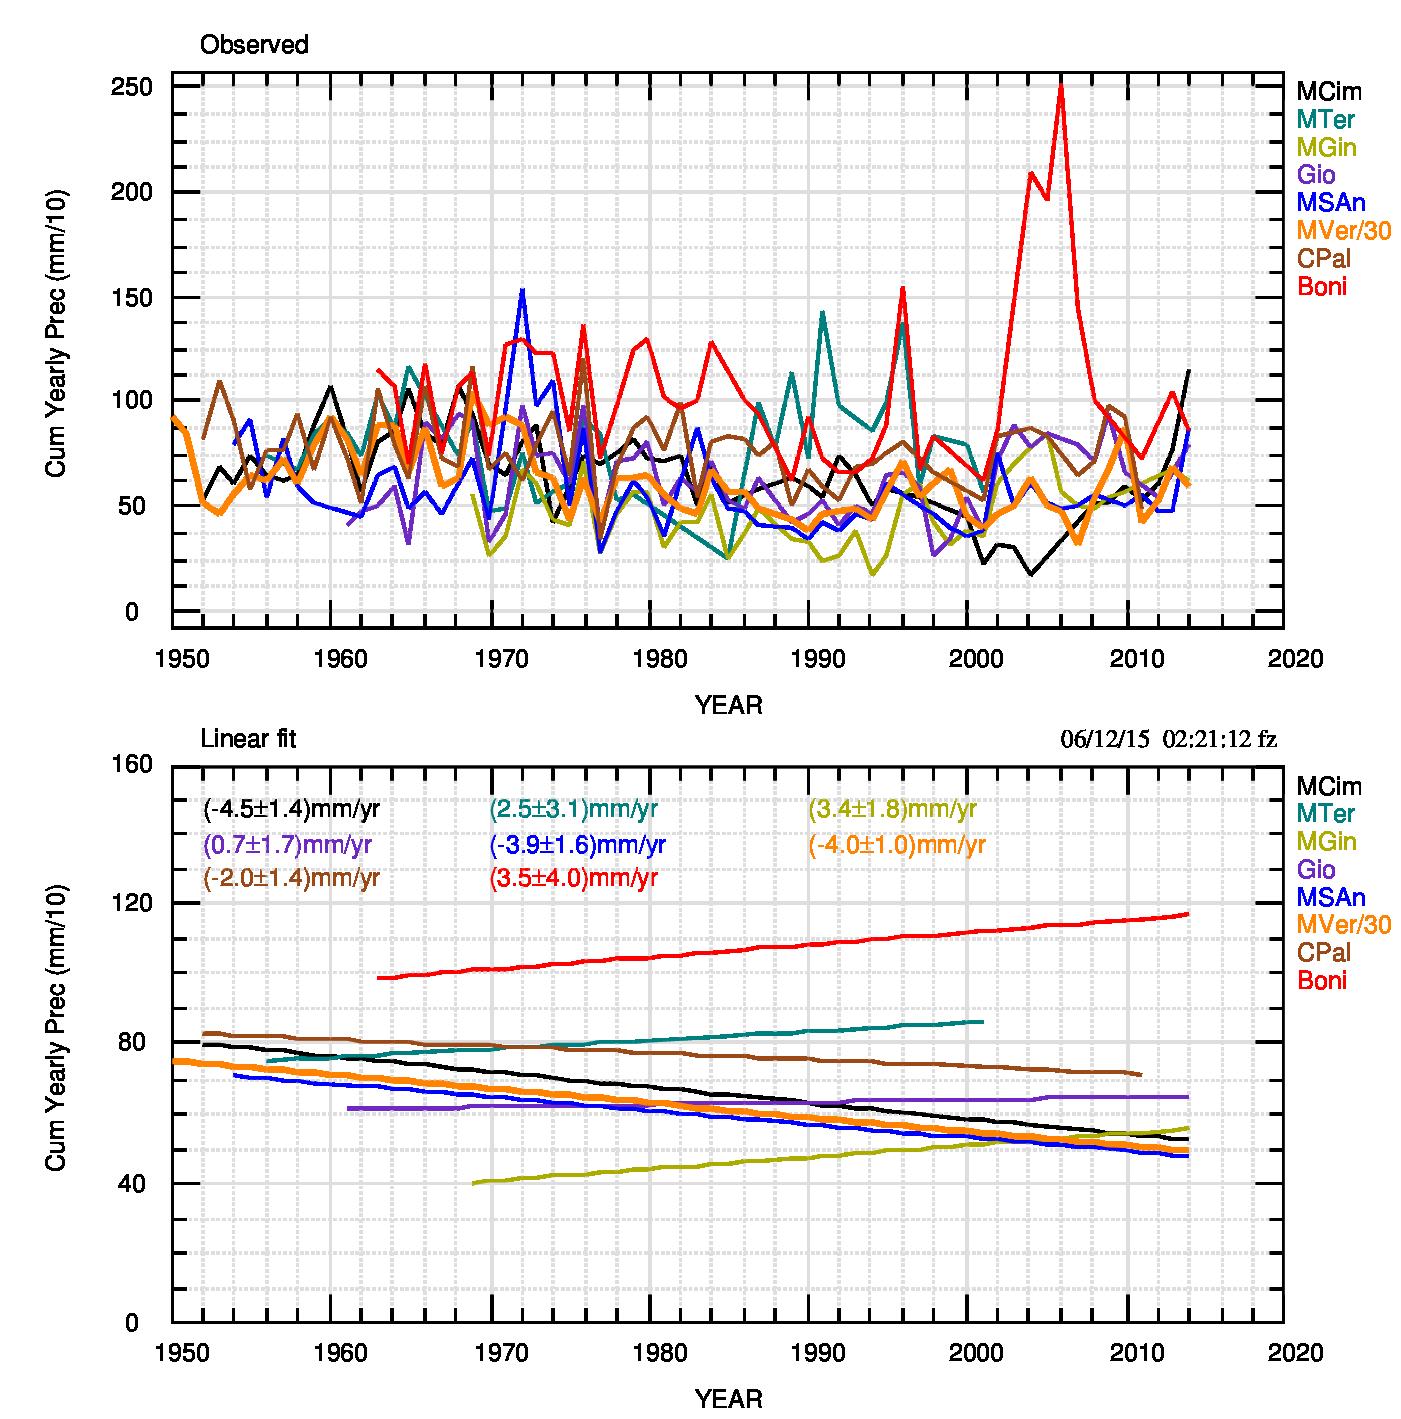 Fig.1. a) Precipitazioni annuali di tutte le stazioni. I dati, in mm, sono divisi per 10 per una migliore rappresentazione. Come riportato nella legenda a destra, le precipitazioni di Montevergine sono ulteriormente divisi per 3. b) fit lineari delle serie in a). I valori numerici delle pendenze sono riportati nella legenda in alto.